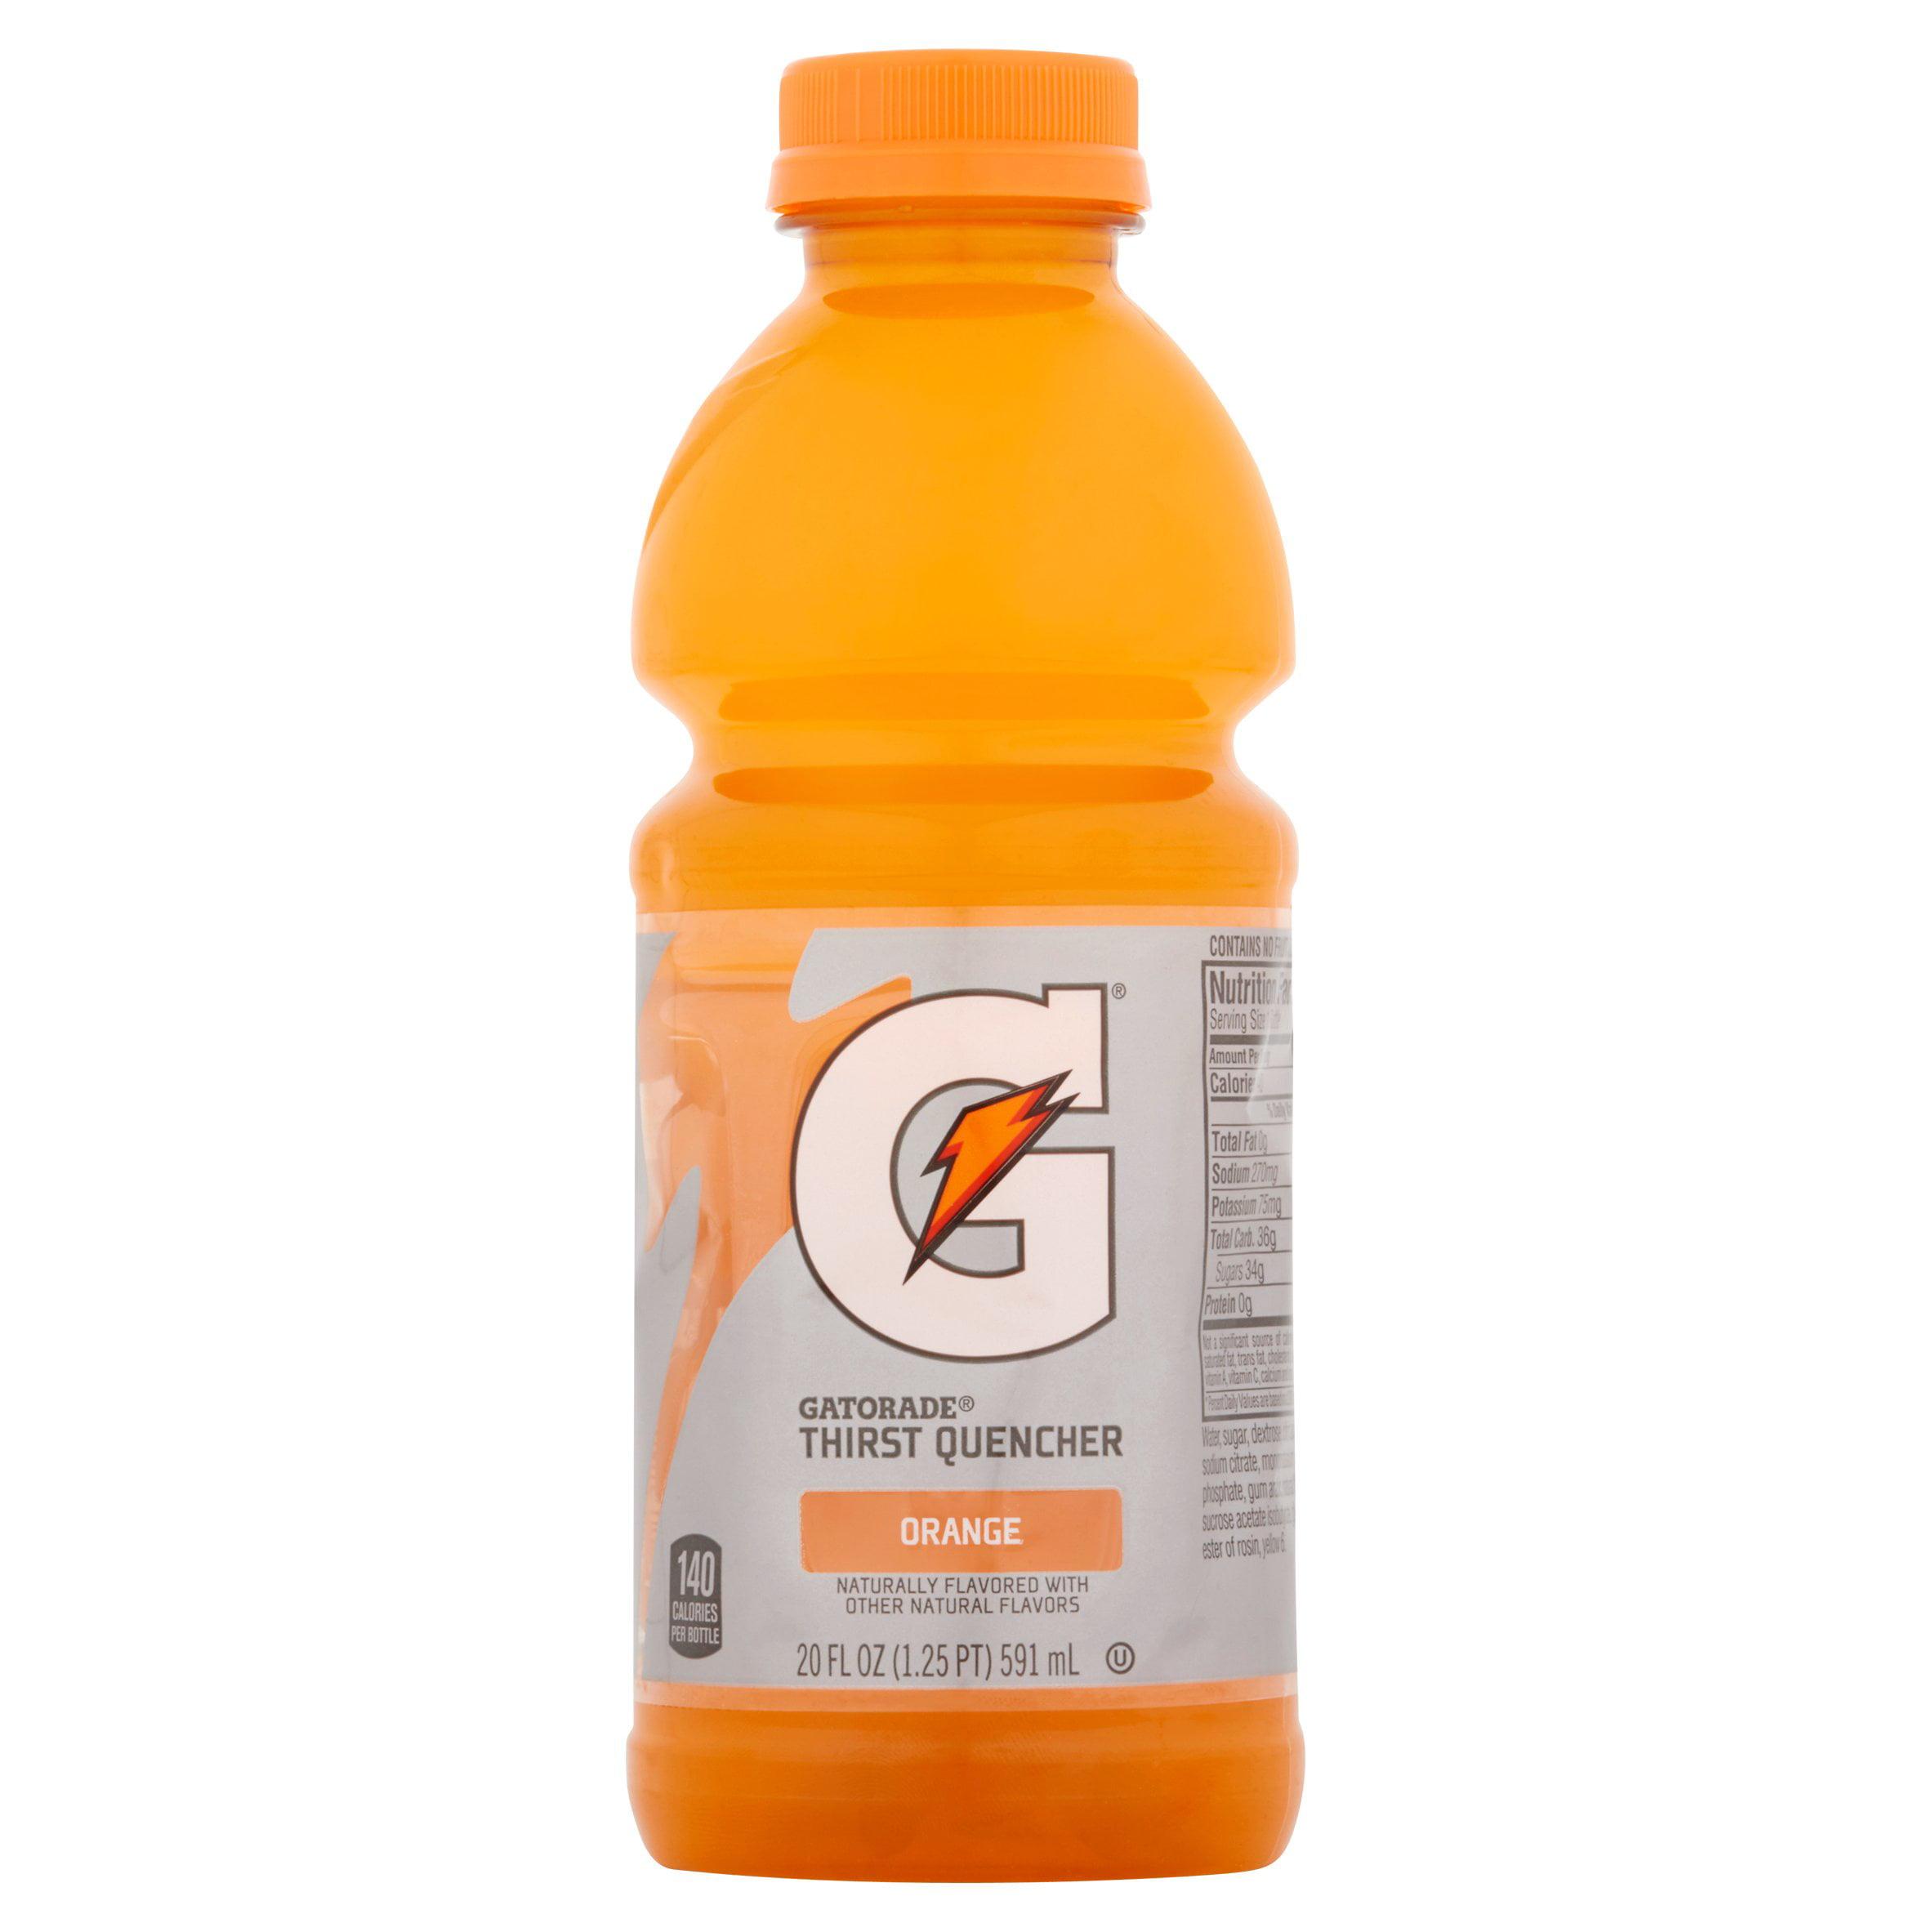 Gatorade Orange Thirst Quencher 20fl oz